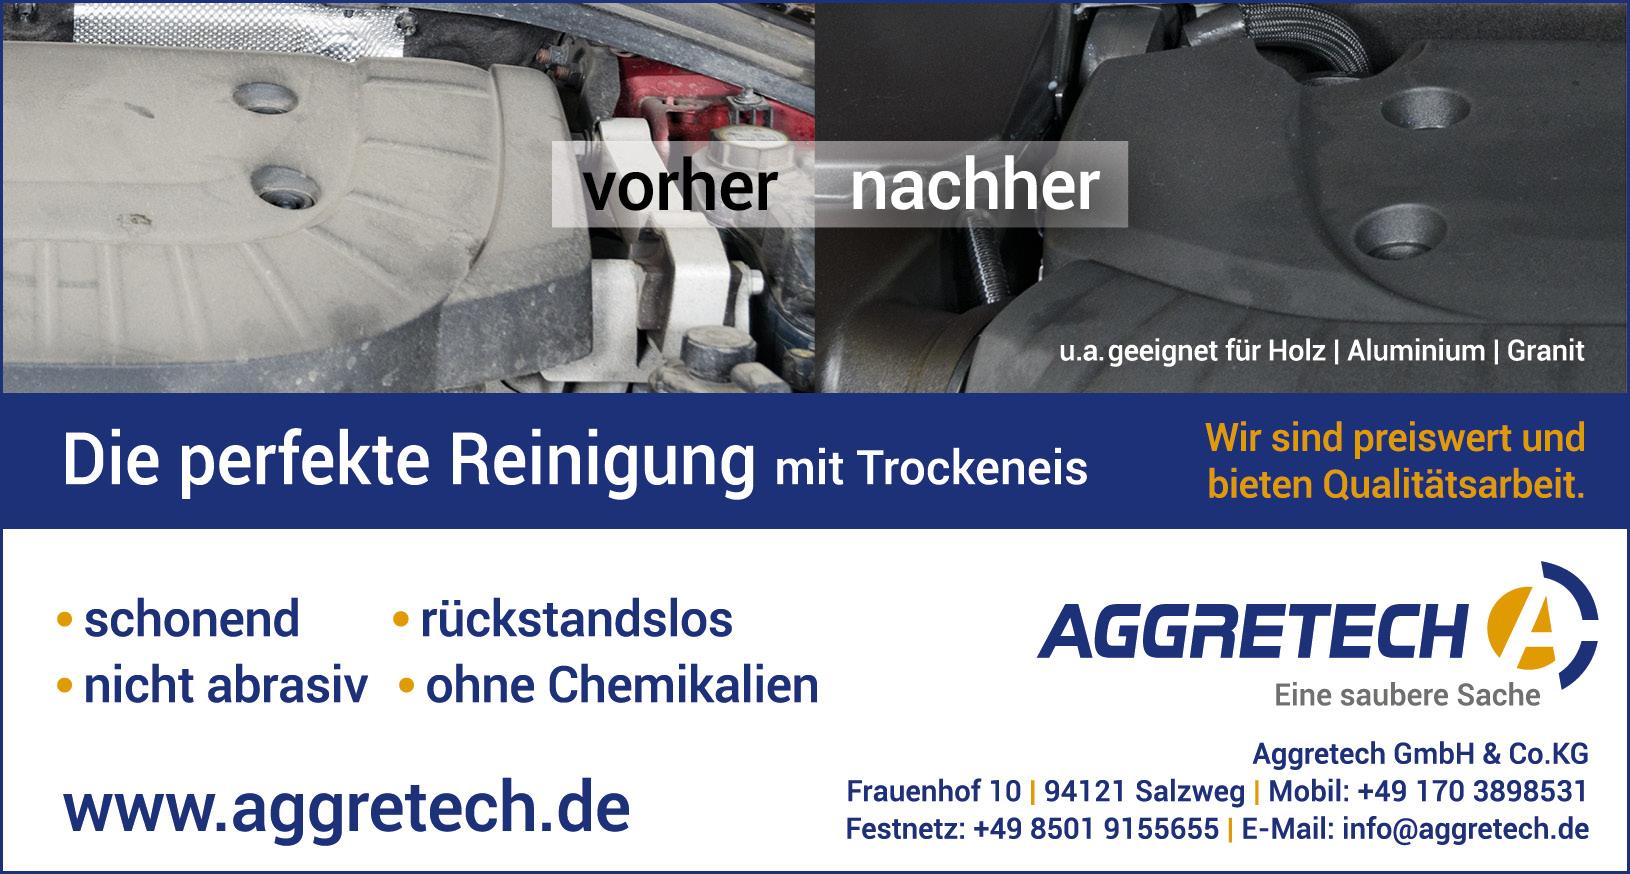 Anzeige Trockeneisstrahlen Aggretech Pnp Final 3